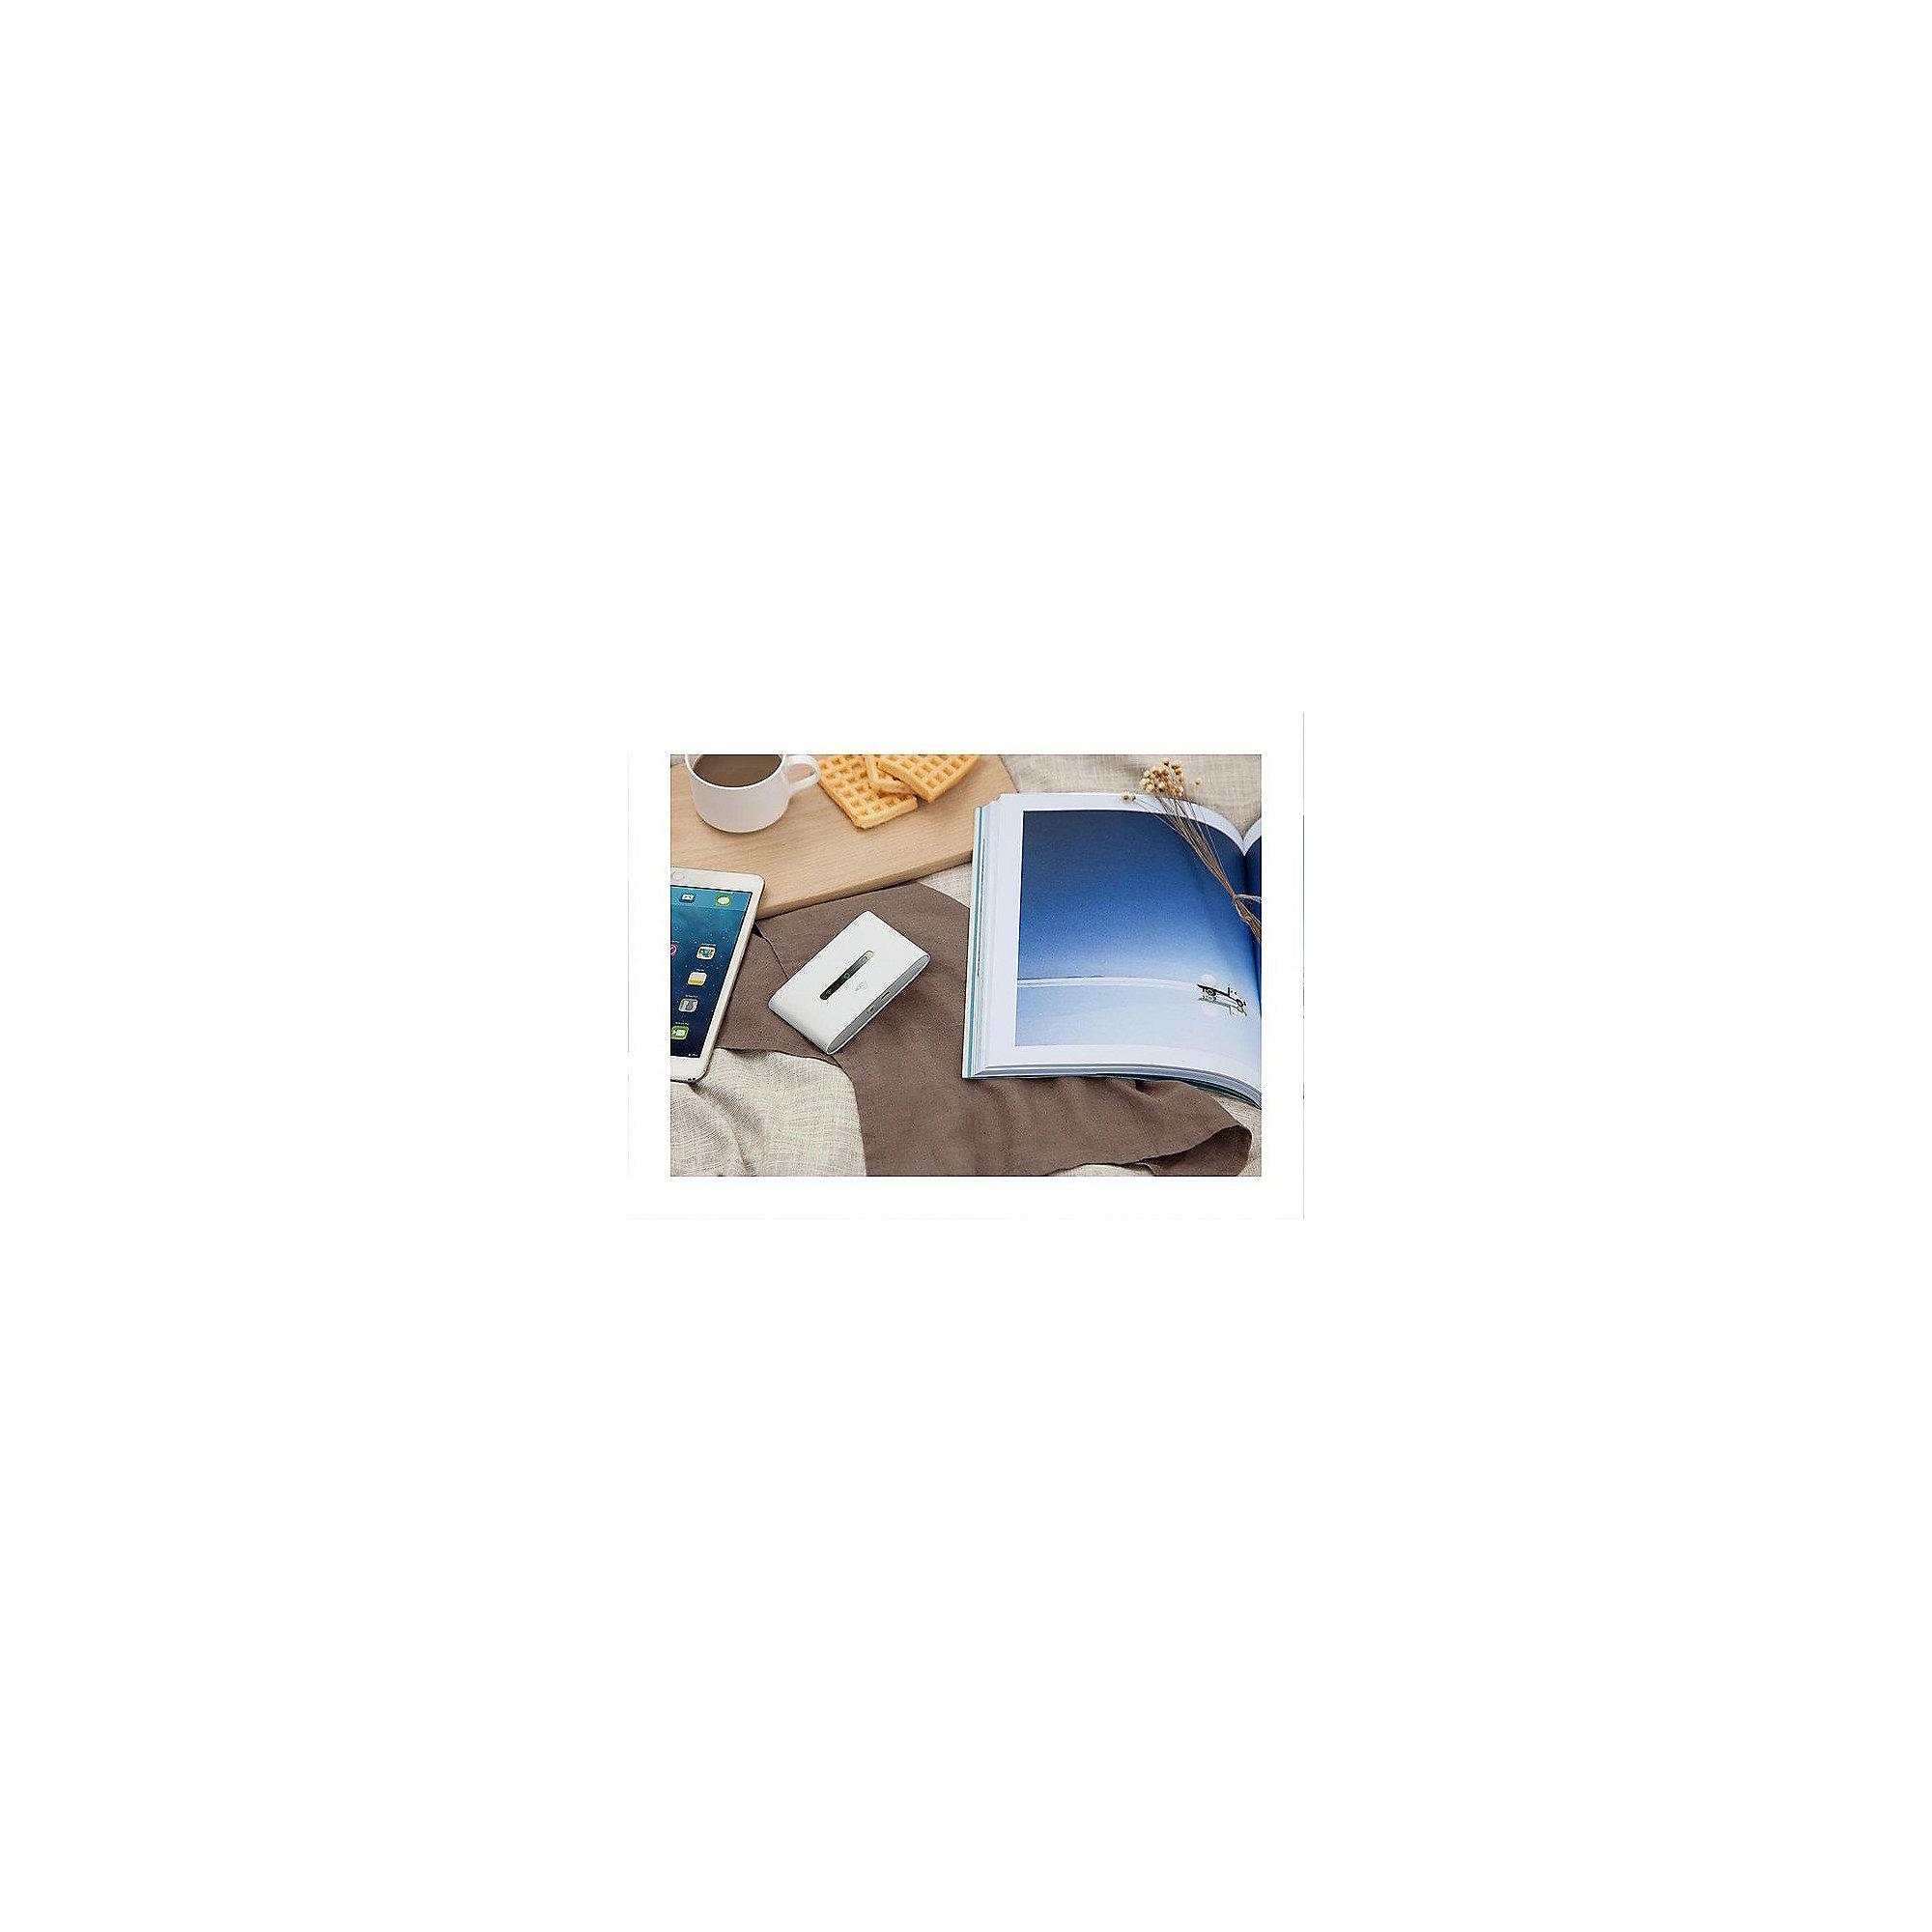 tp link m7300 4g lte mobiler wlan hotspot cyberport. Black Bedroom Furniture Sets. Home Design Ideas